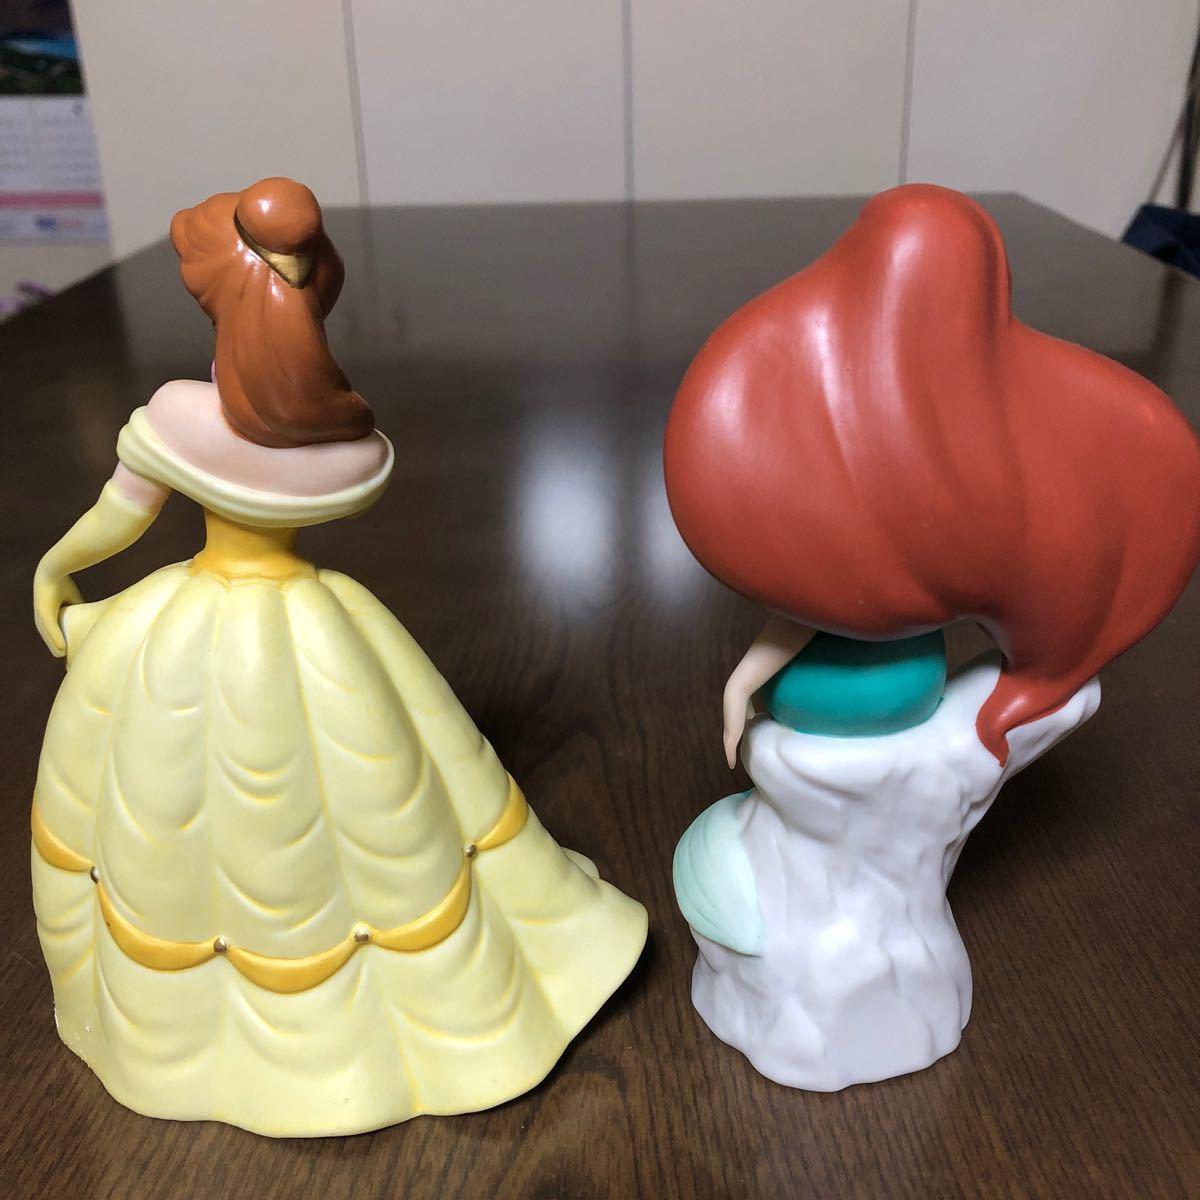 ディズニー 美女と野獣ベル リトルマーメイドアリエル 陶器製2点